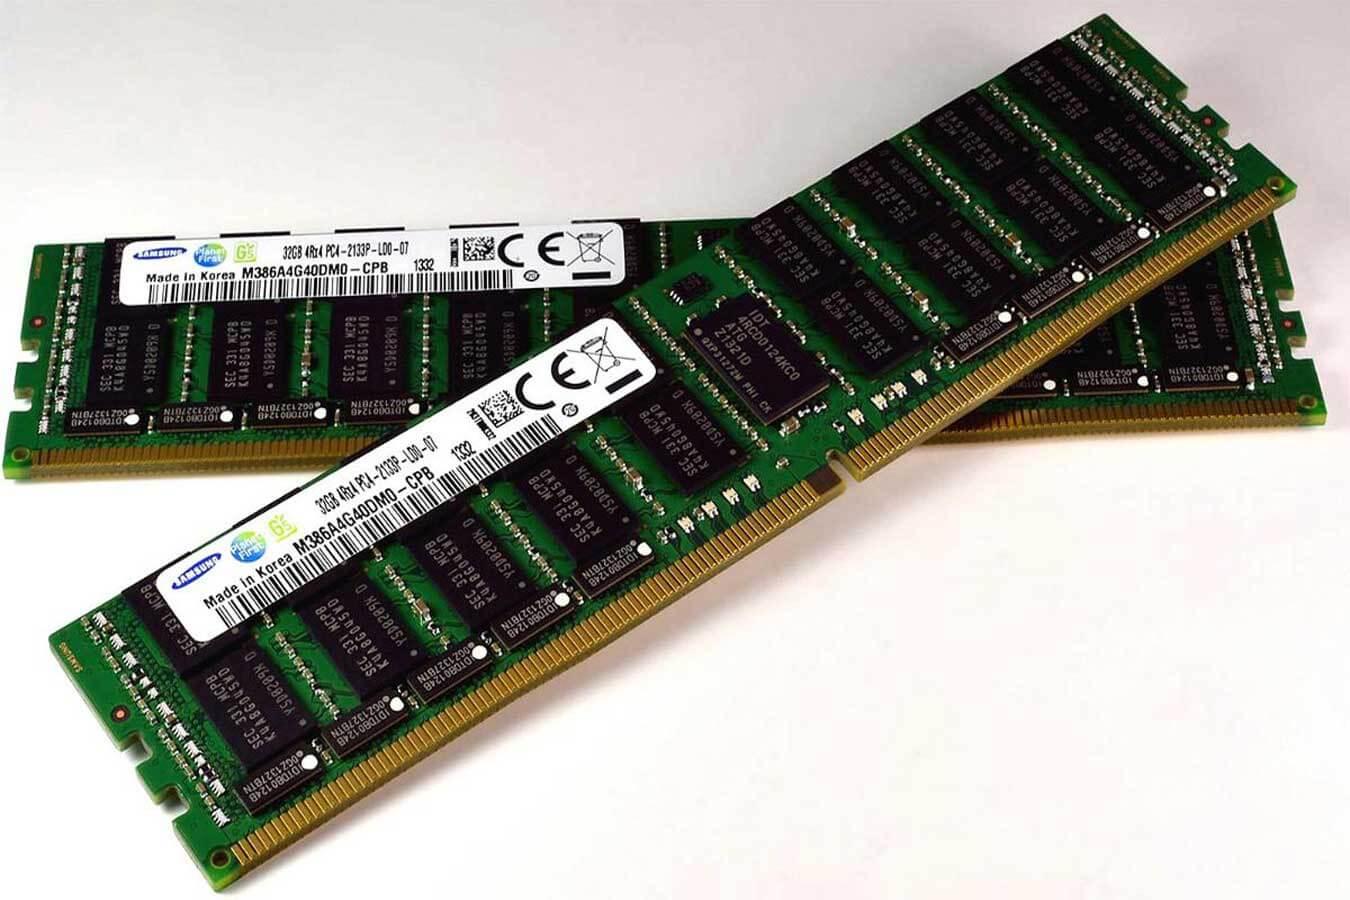 Ram görmüyor sorunu RAM Boyutunun Az Görülmesi Sorunu Çözüldü RAM Boyutunun Az Görülmesi Sorunu Çözüldü ram gormuyor sorunu